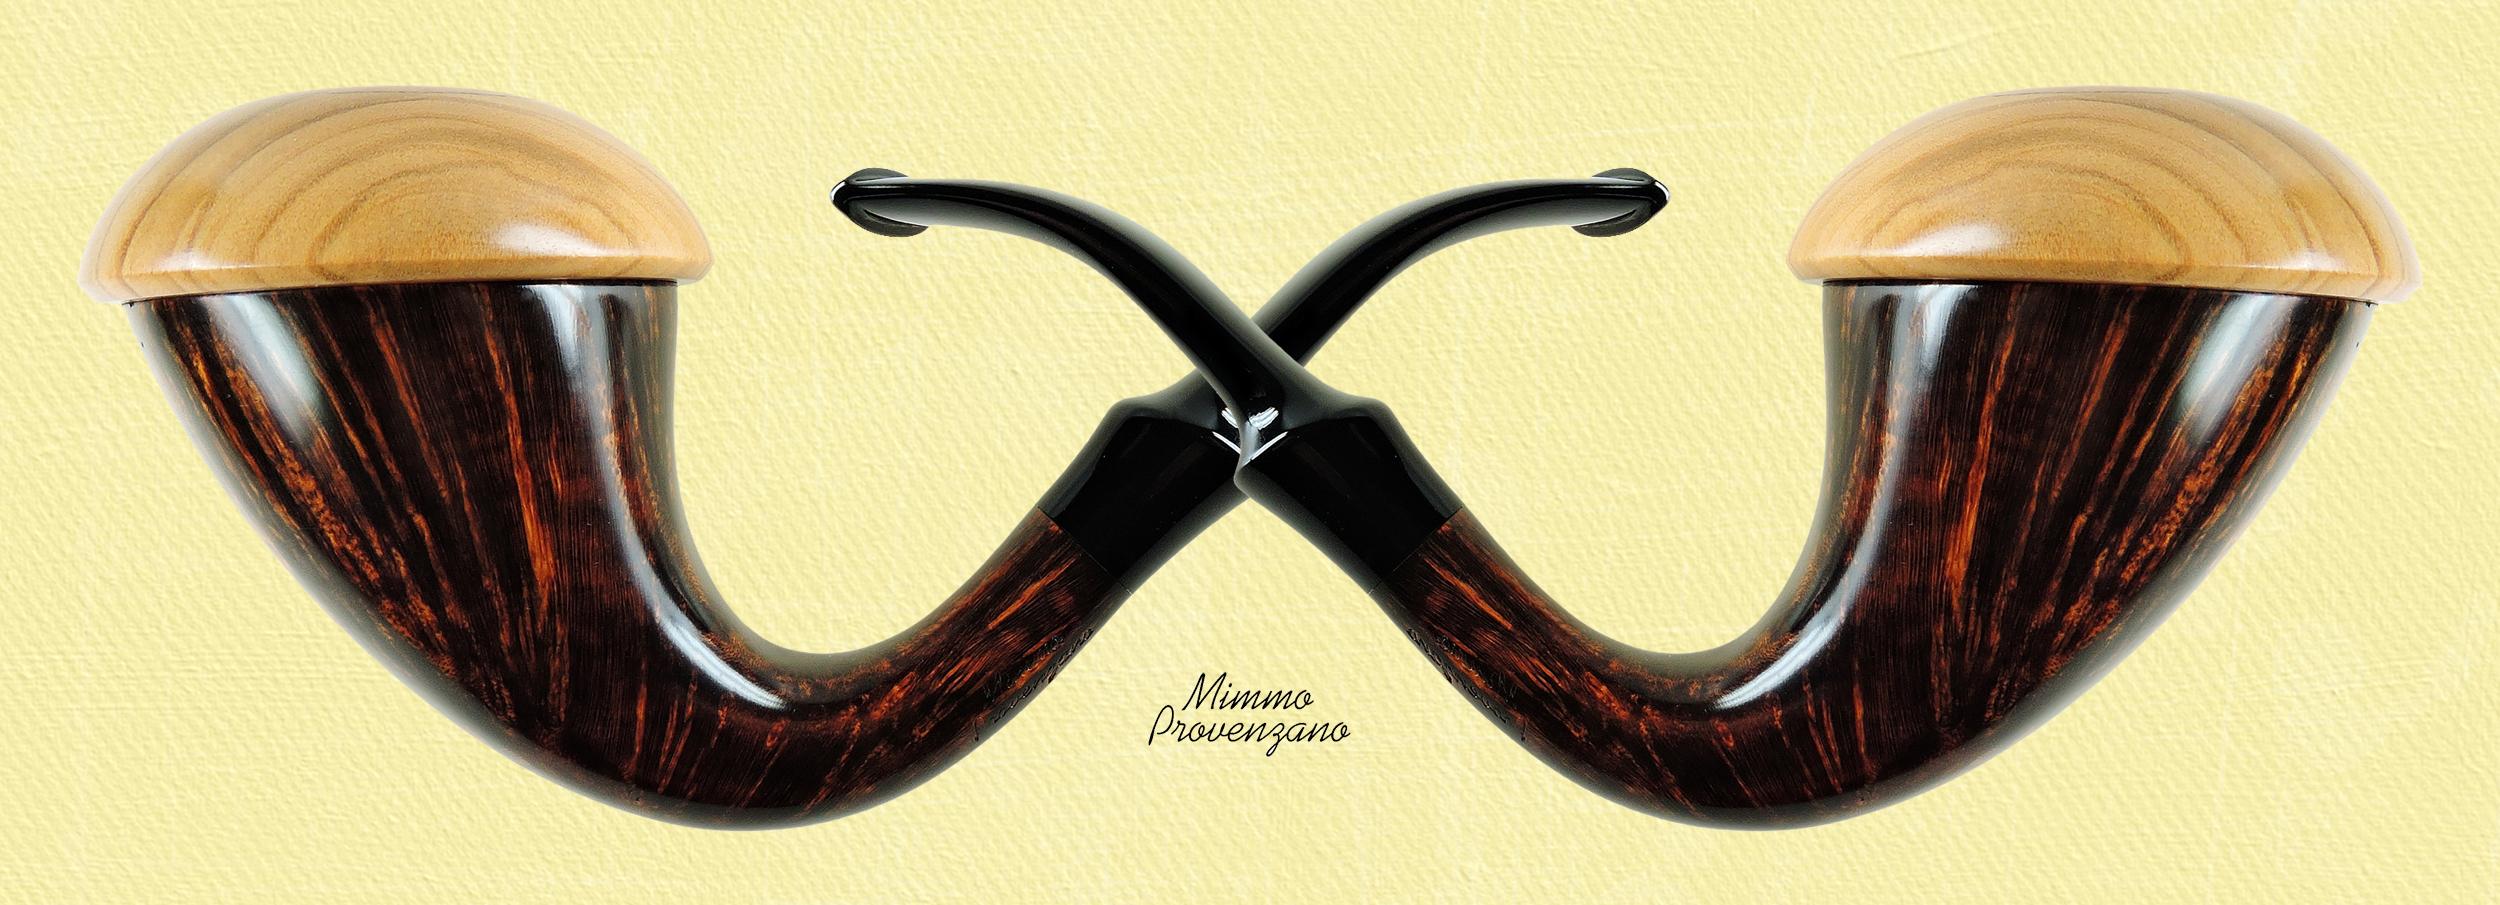 Al Pascià - Pipe - Mimmo provenzano - Vendita pipe online - Rive